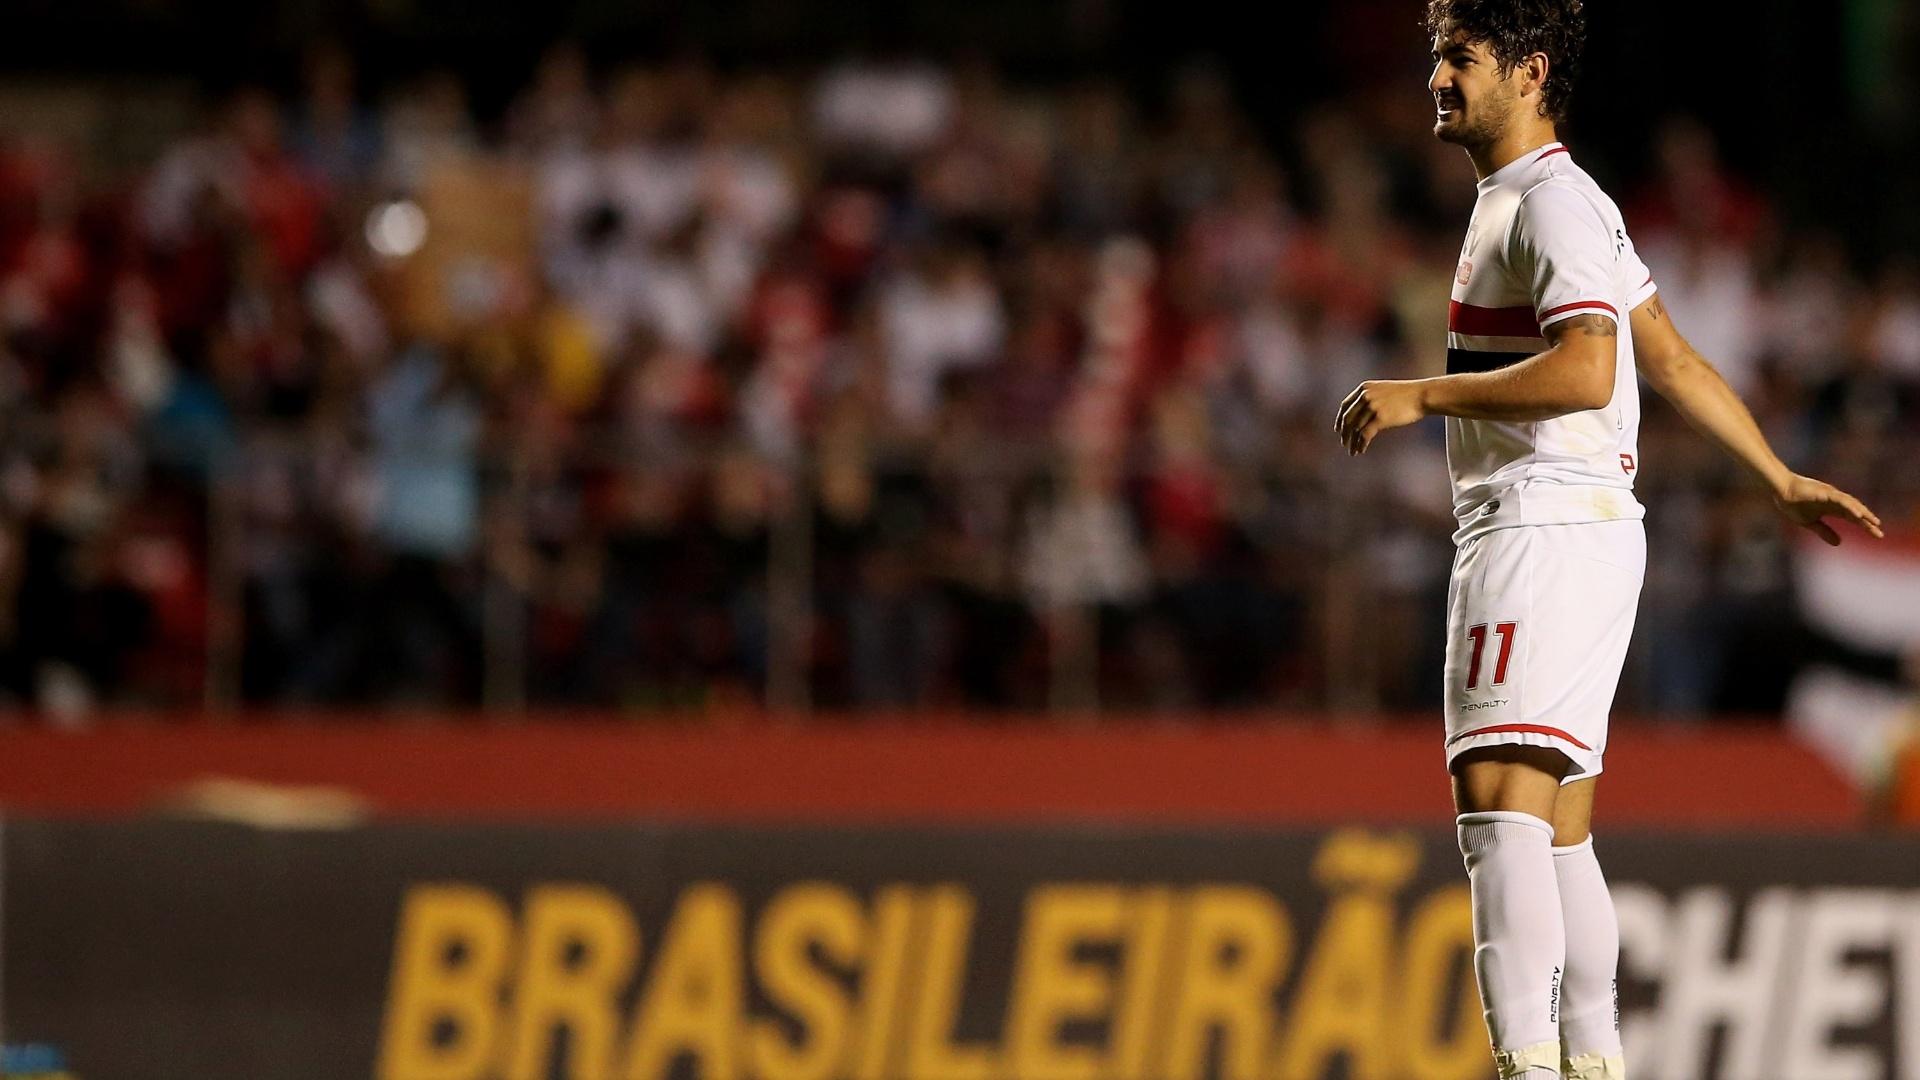 Alexandre Pato lamenta chance desperdiçada no jogo entre São Paulo e Criciúma